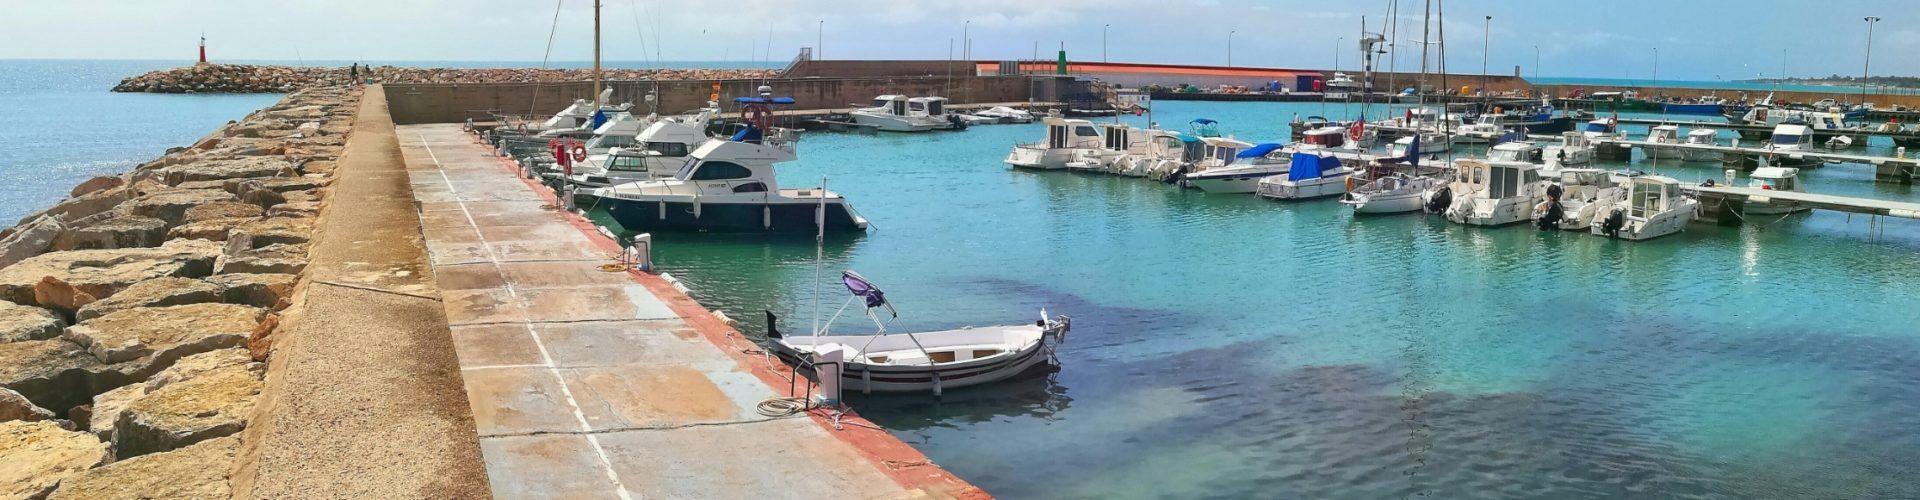 Ben Vist: Port de les Cases d'Alcanar